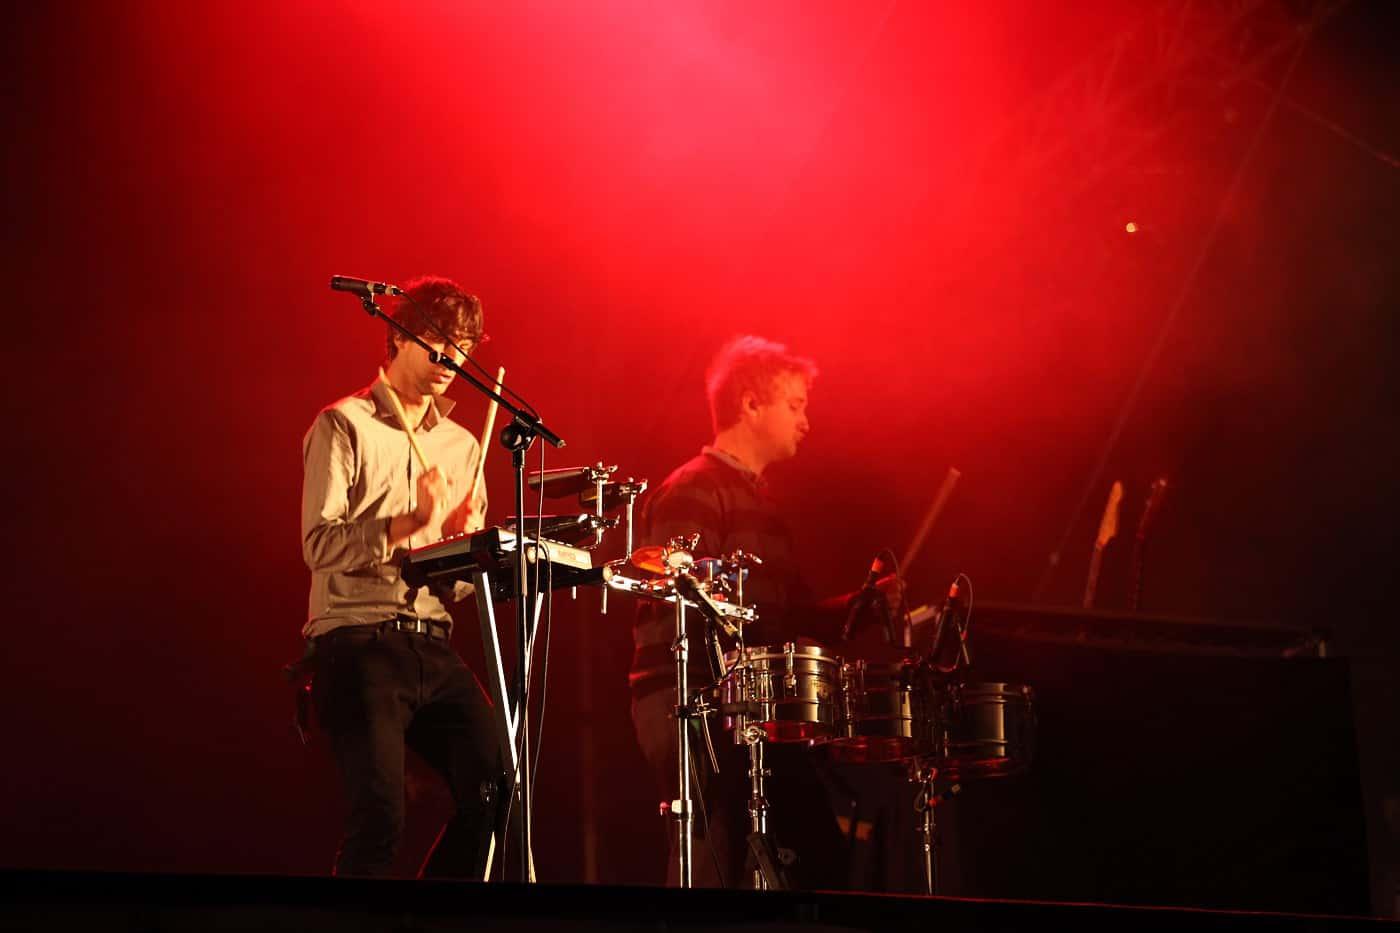 Концерт Cut Copy в Москве